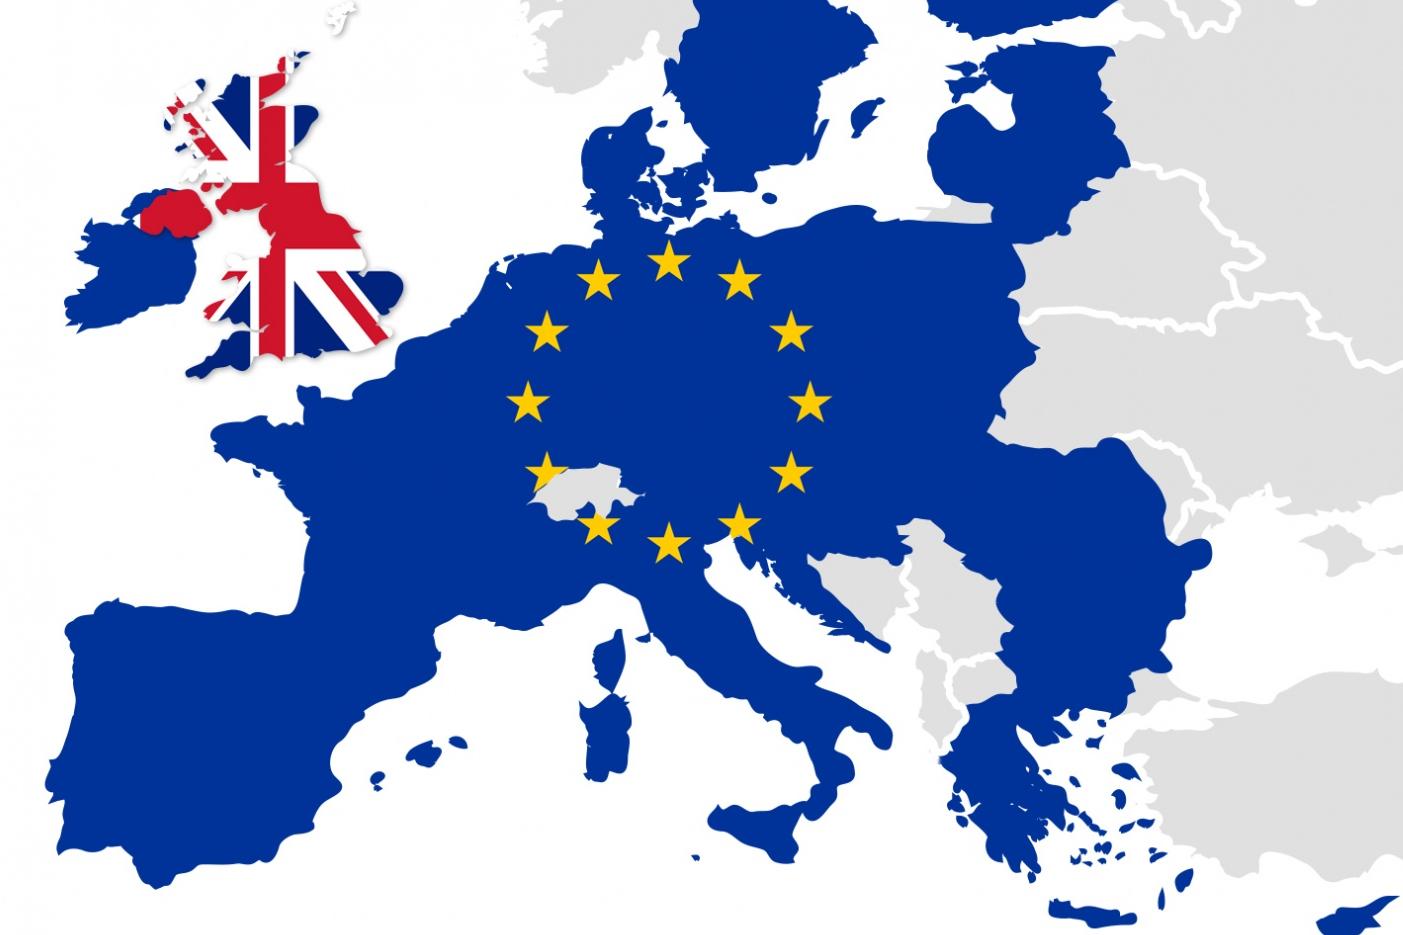 وزير الخارجية الايرلندي: اتفاق الانسحاب يمثل توازن بين مصالح بريطانيا والاتحاد الأوروبي